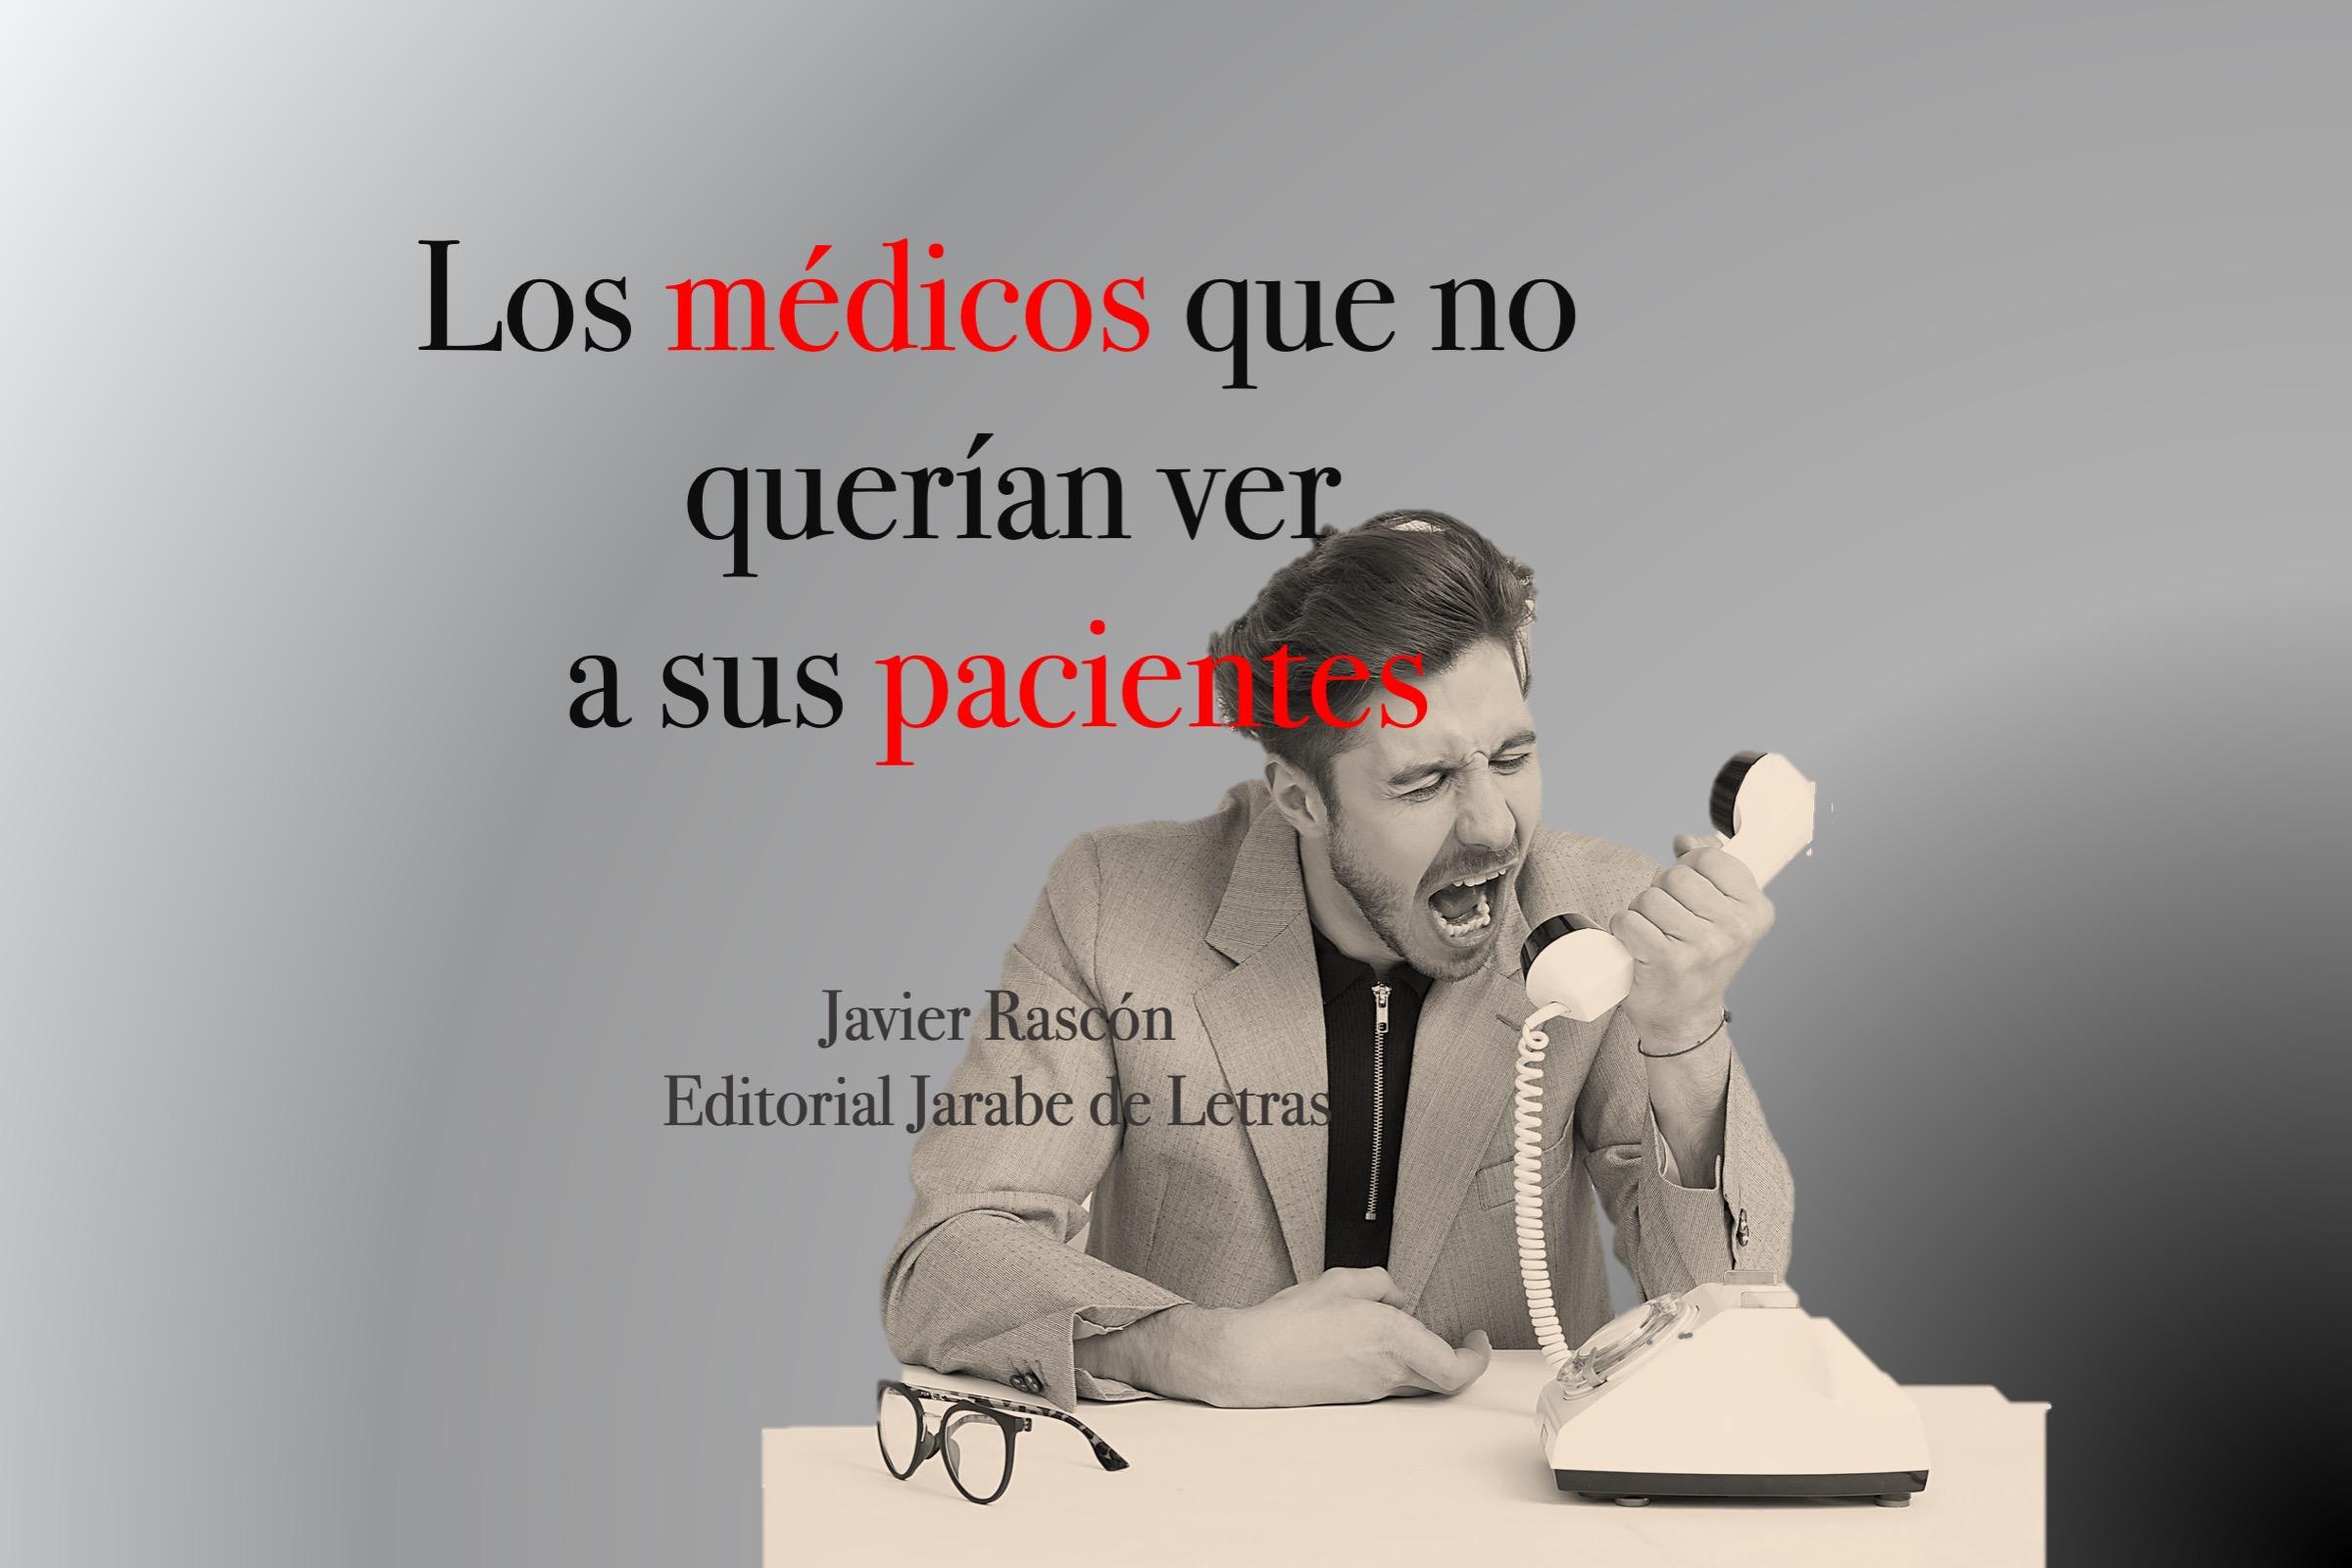 medicos pacinetes 3